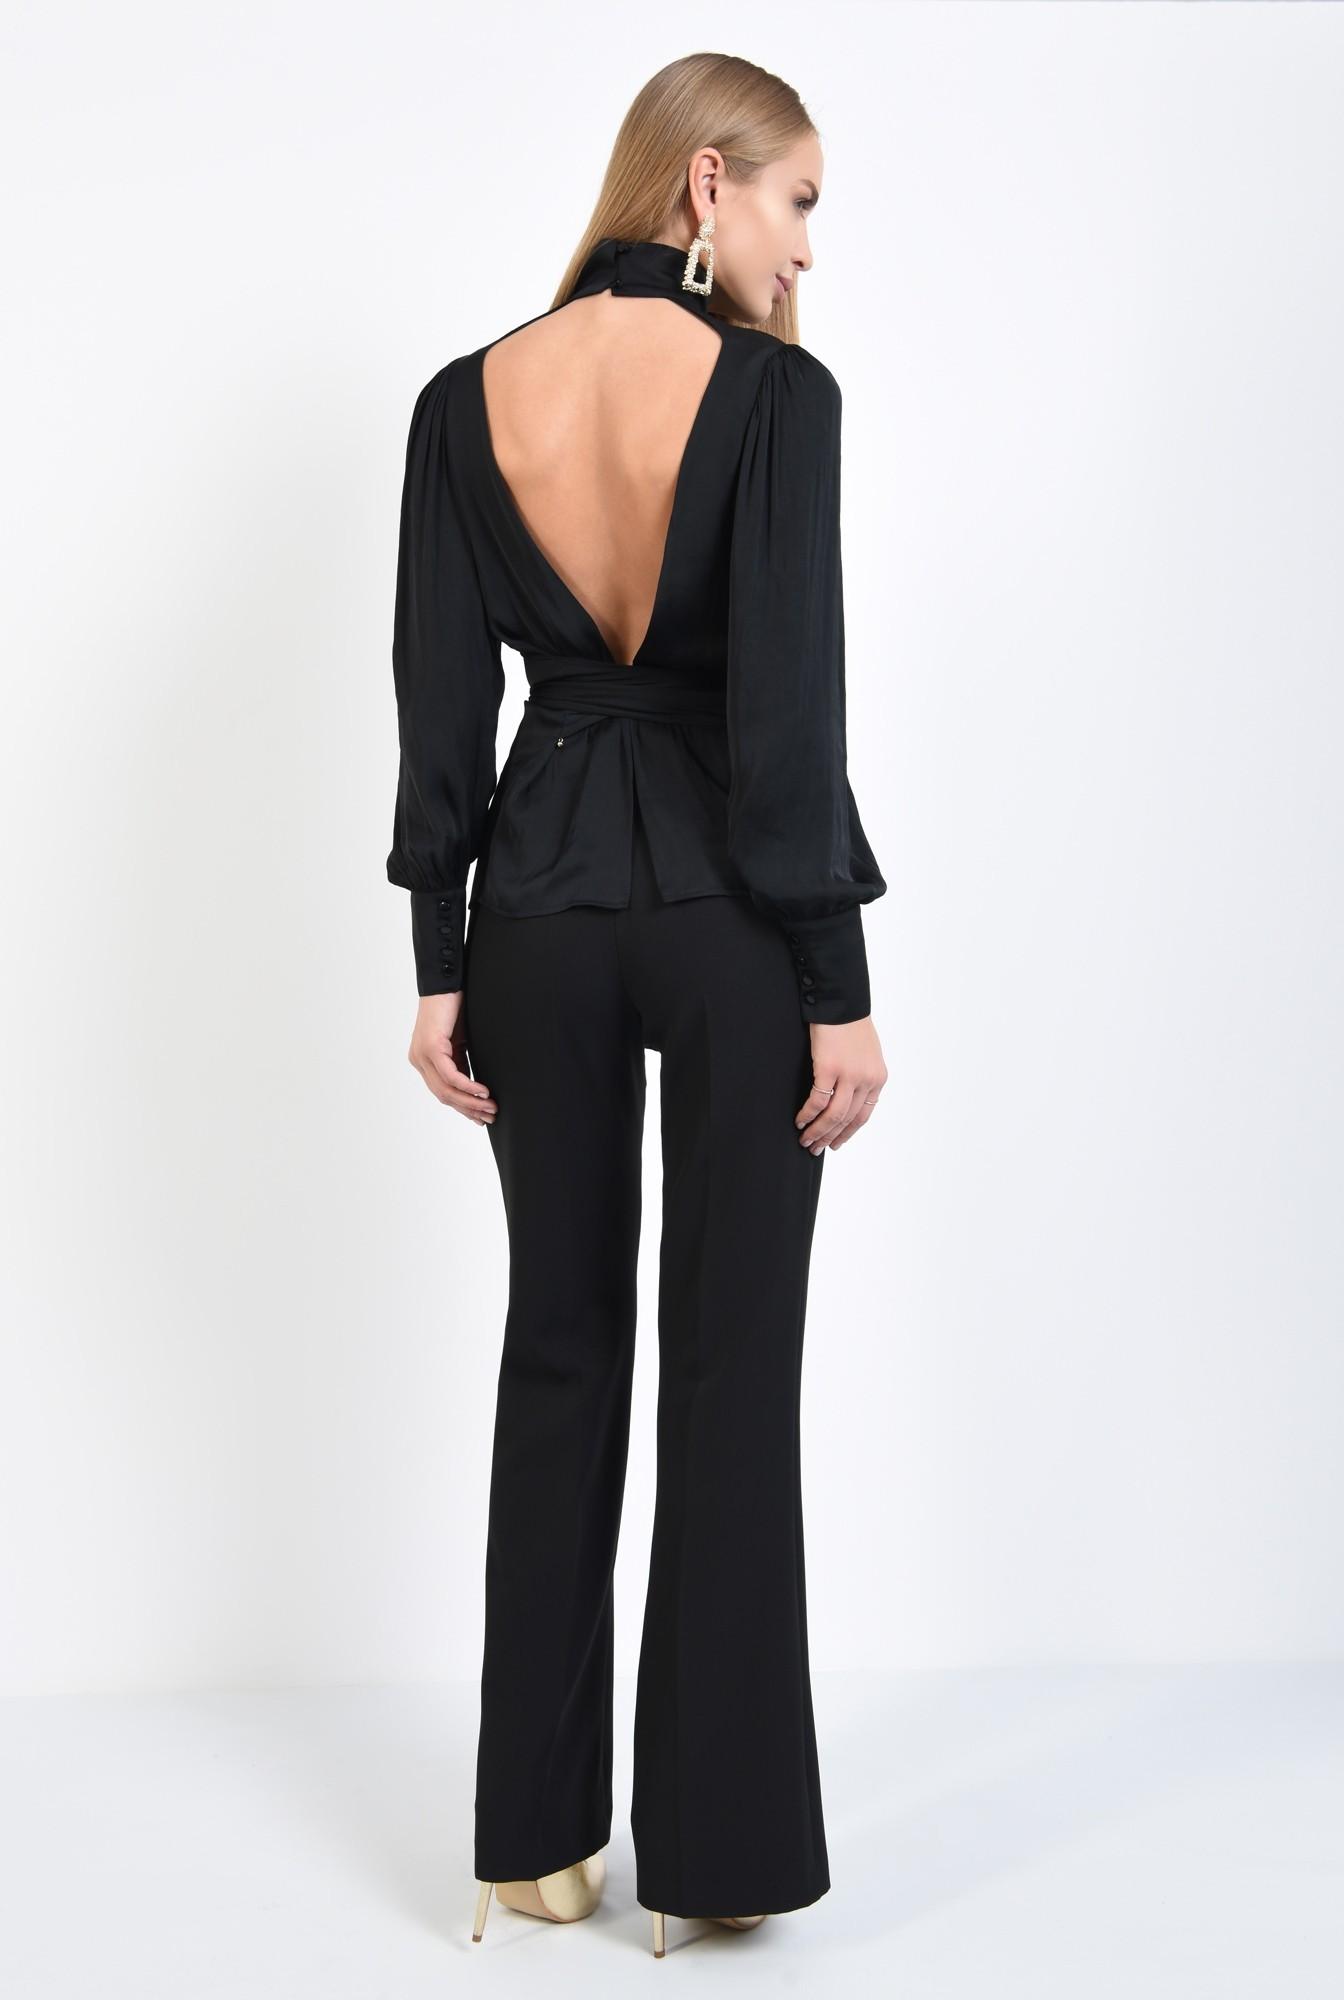 1 - bluza de ocazie, neagra, cu spate decoltat in V, funda in fata sau in spate